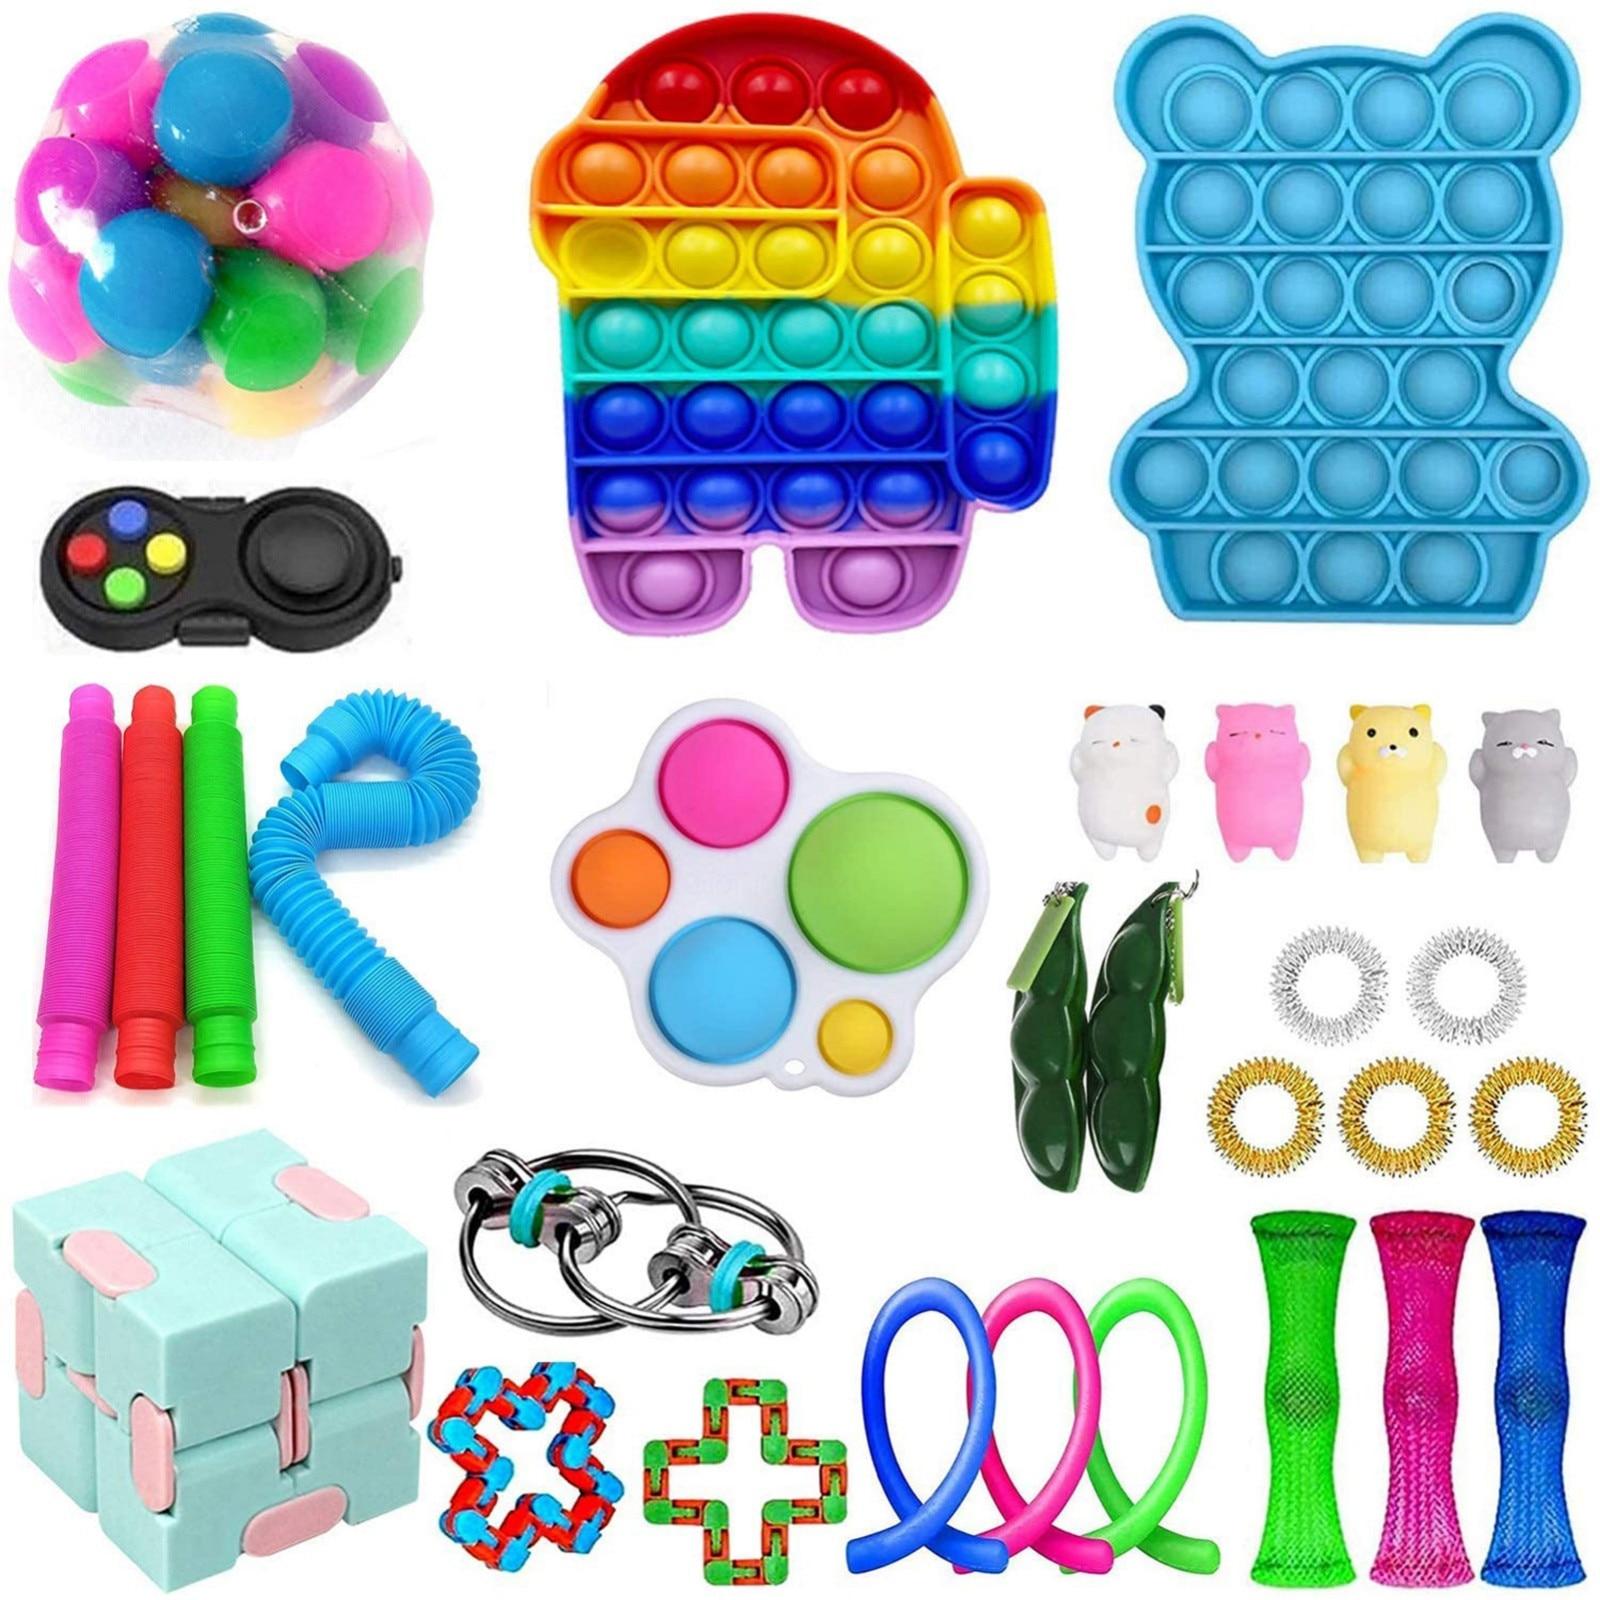 1set Zappeln Spielzeug Anti Stress Set Stretchy Saiten Spielzeug Geschenk Pack Für Erwachsene Kinder Squishy Sensorischen Antistress Relief Figet spielzeug